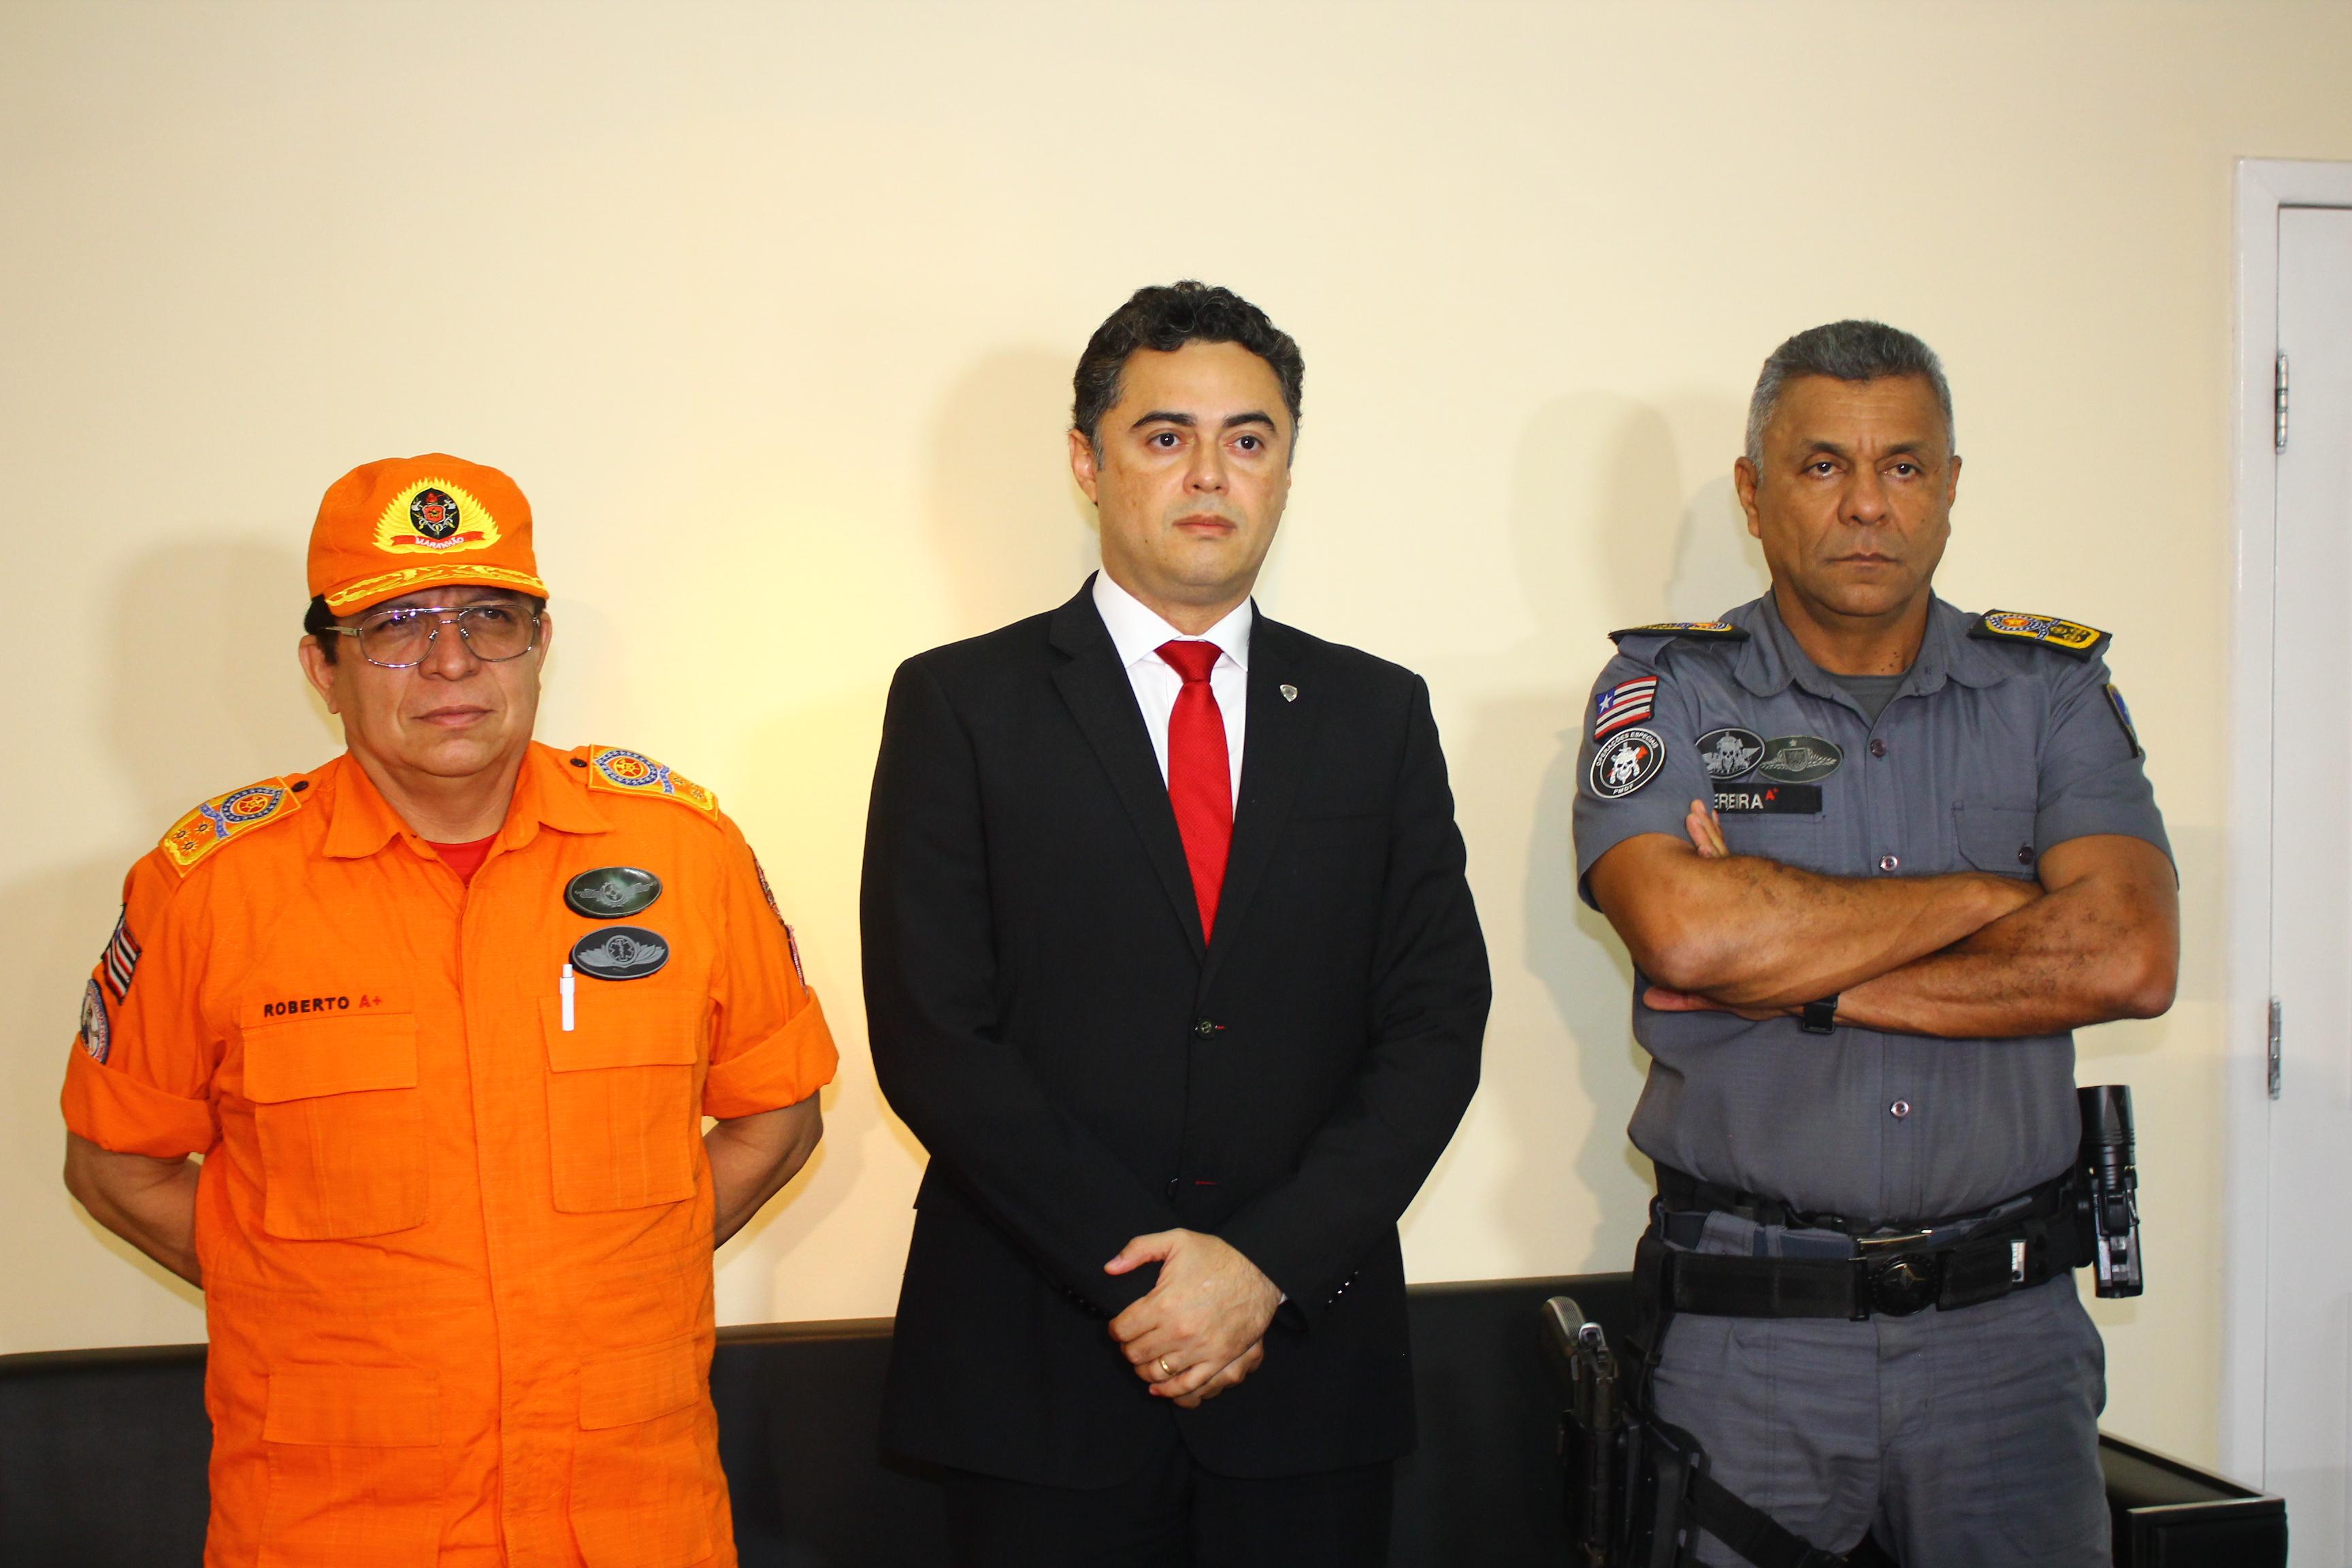 Delegado geral Lawrence Melo, da SSP, apresenta dados de redução da criminalidade nos anos de 2015 e 2016 na grande São Luís